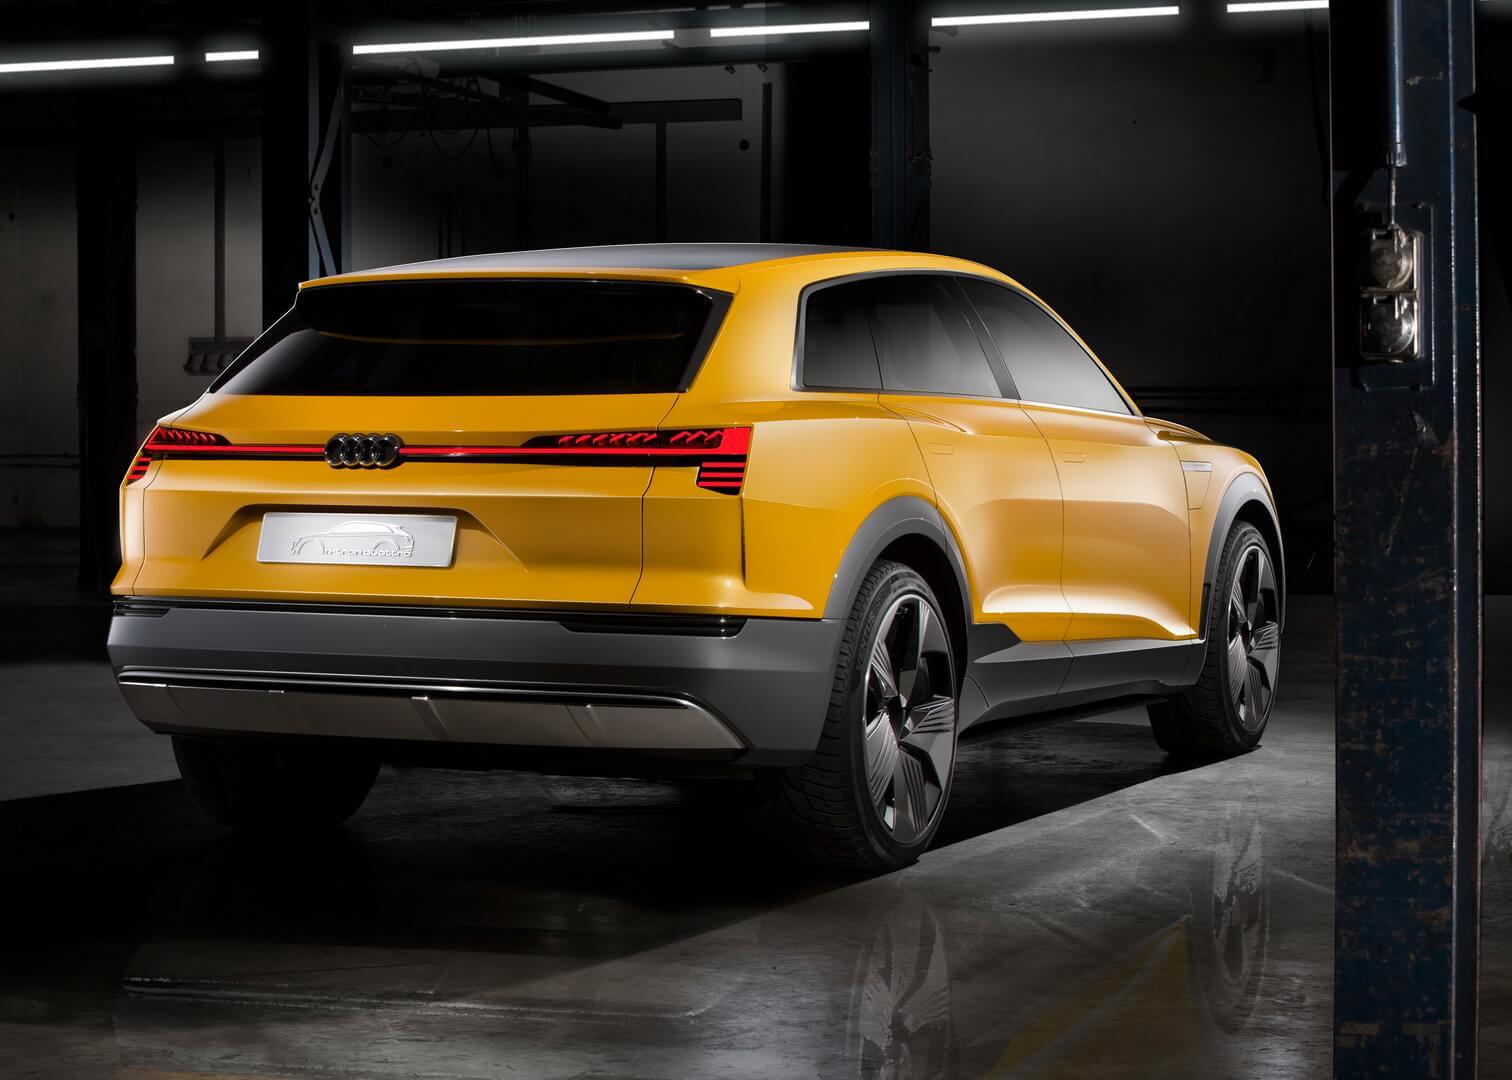 Audi h-tron quattro FCEV